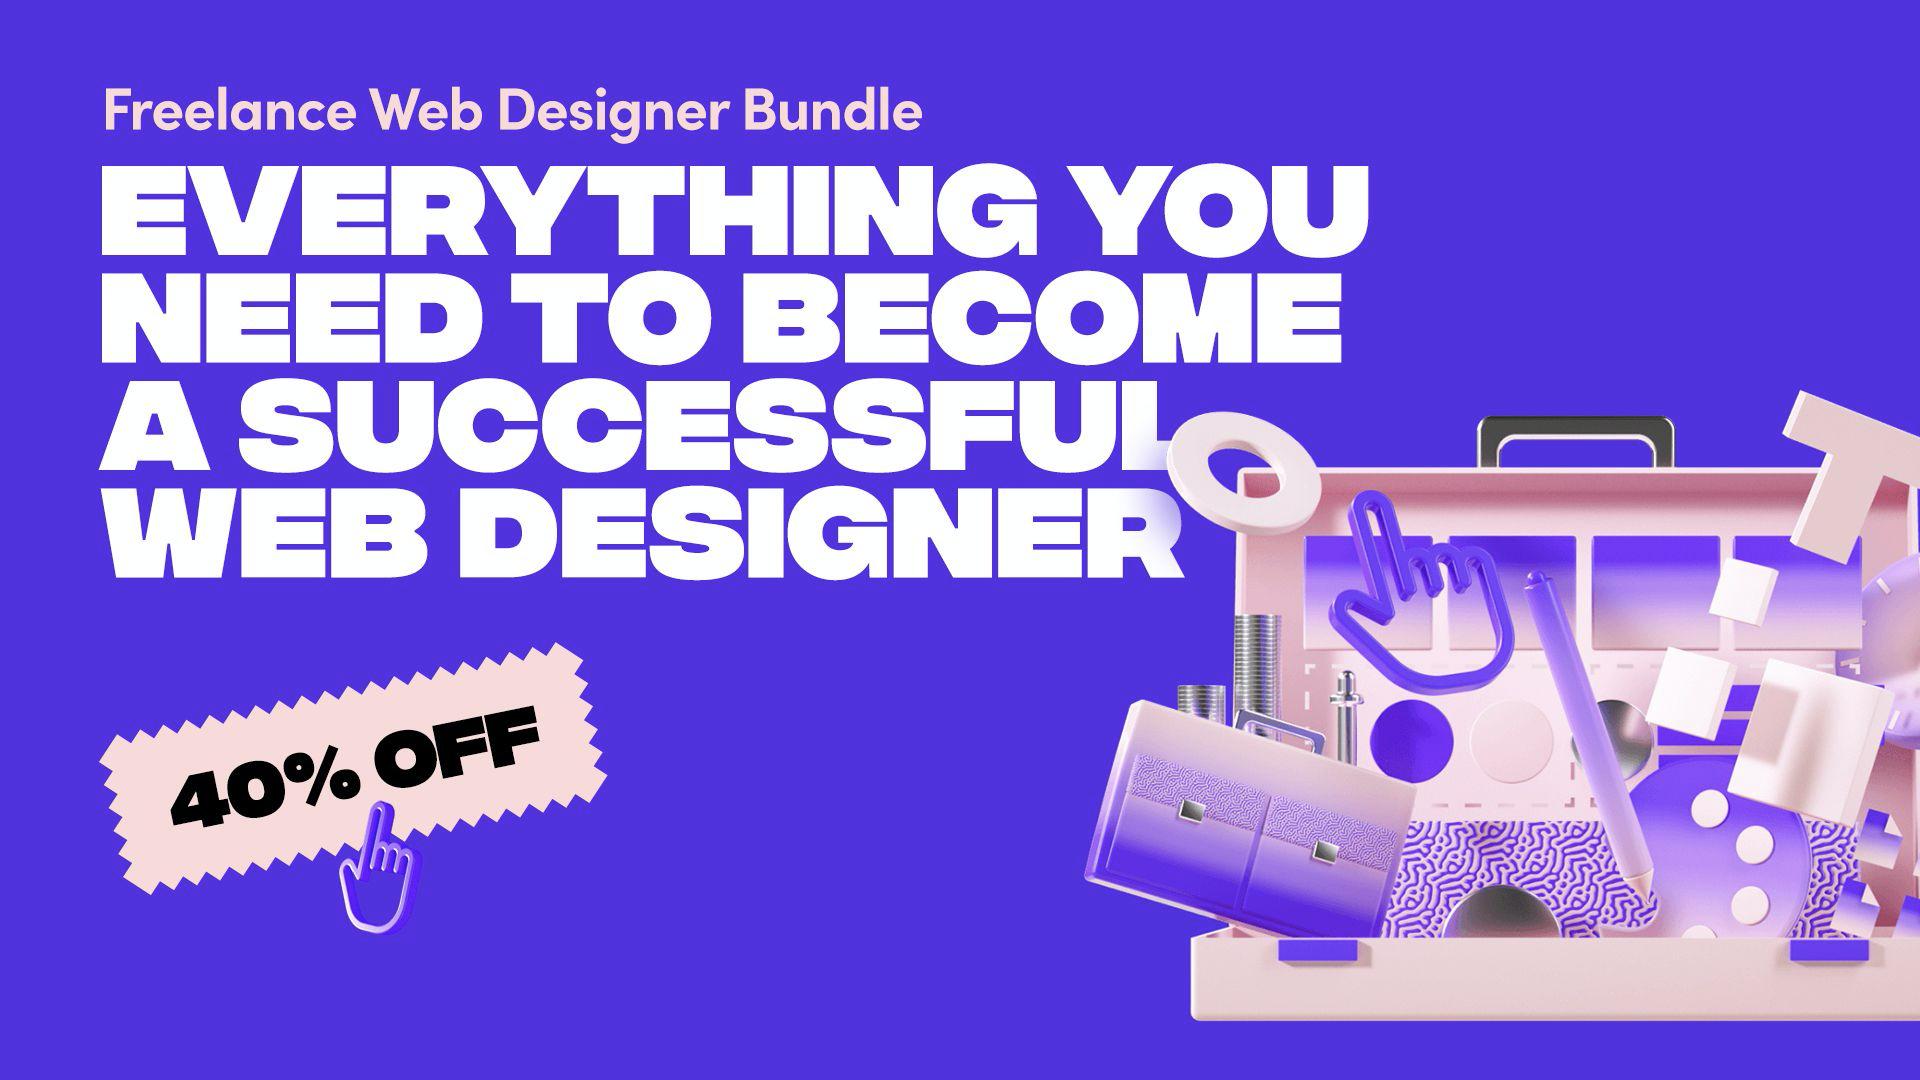 在自由职业者网页设计师捆绑上节省40%。